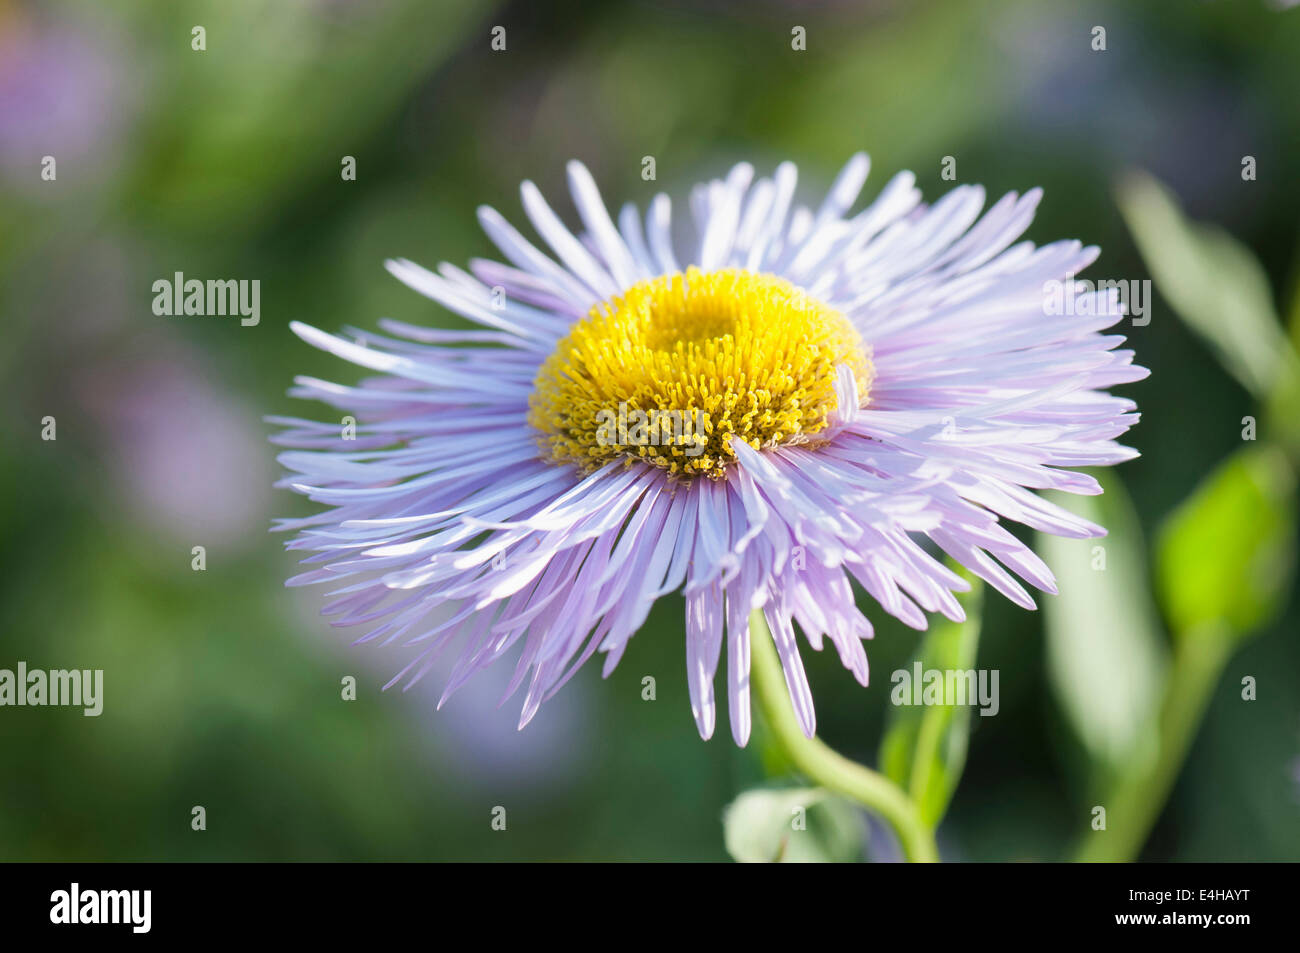 Fleabane, Erigeron 'Prosperity'. - Stock Image